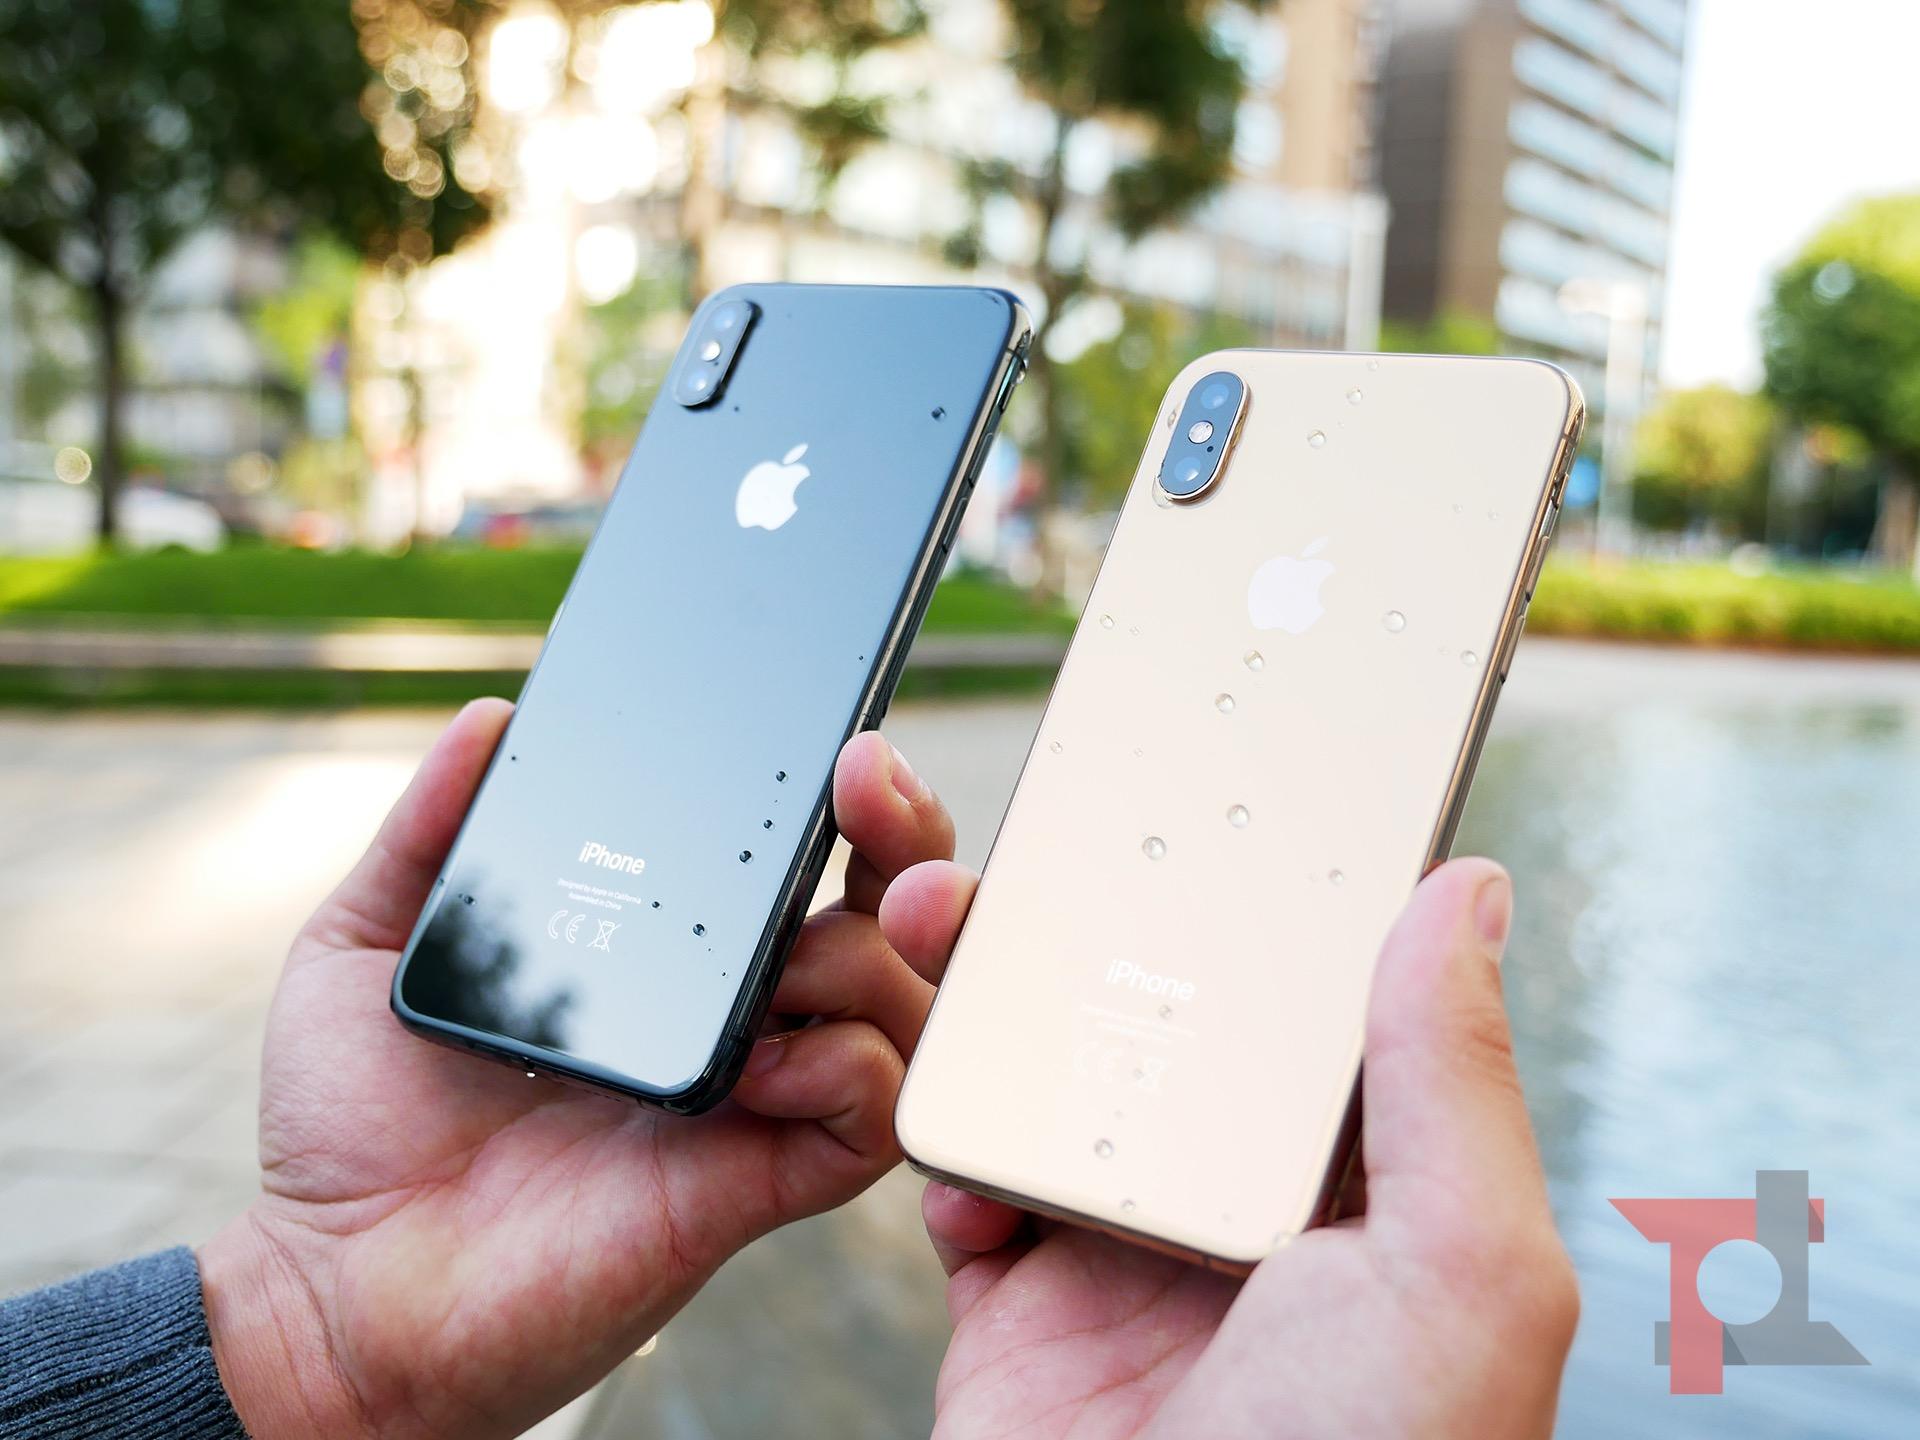 Recensione iPhone Xs Max e iPhone Xs: i giusti miglioramenti per una variante S 2